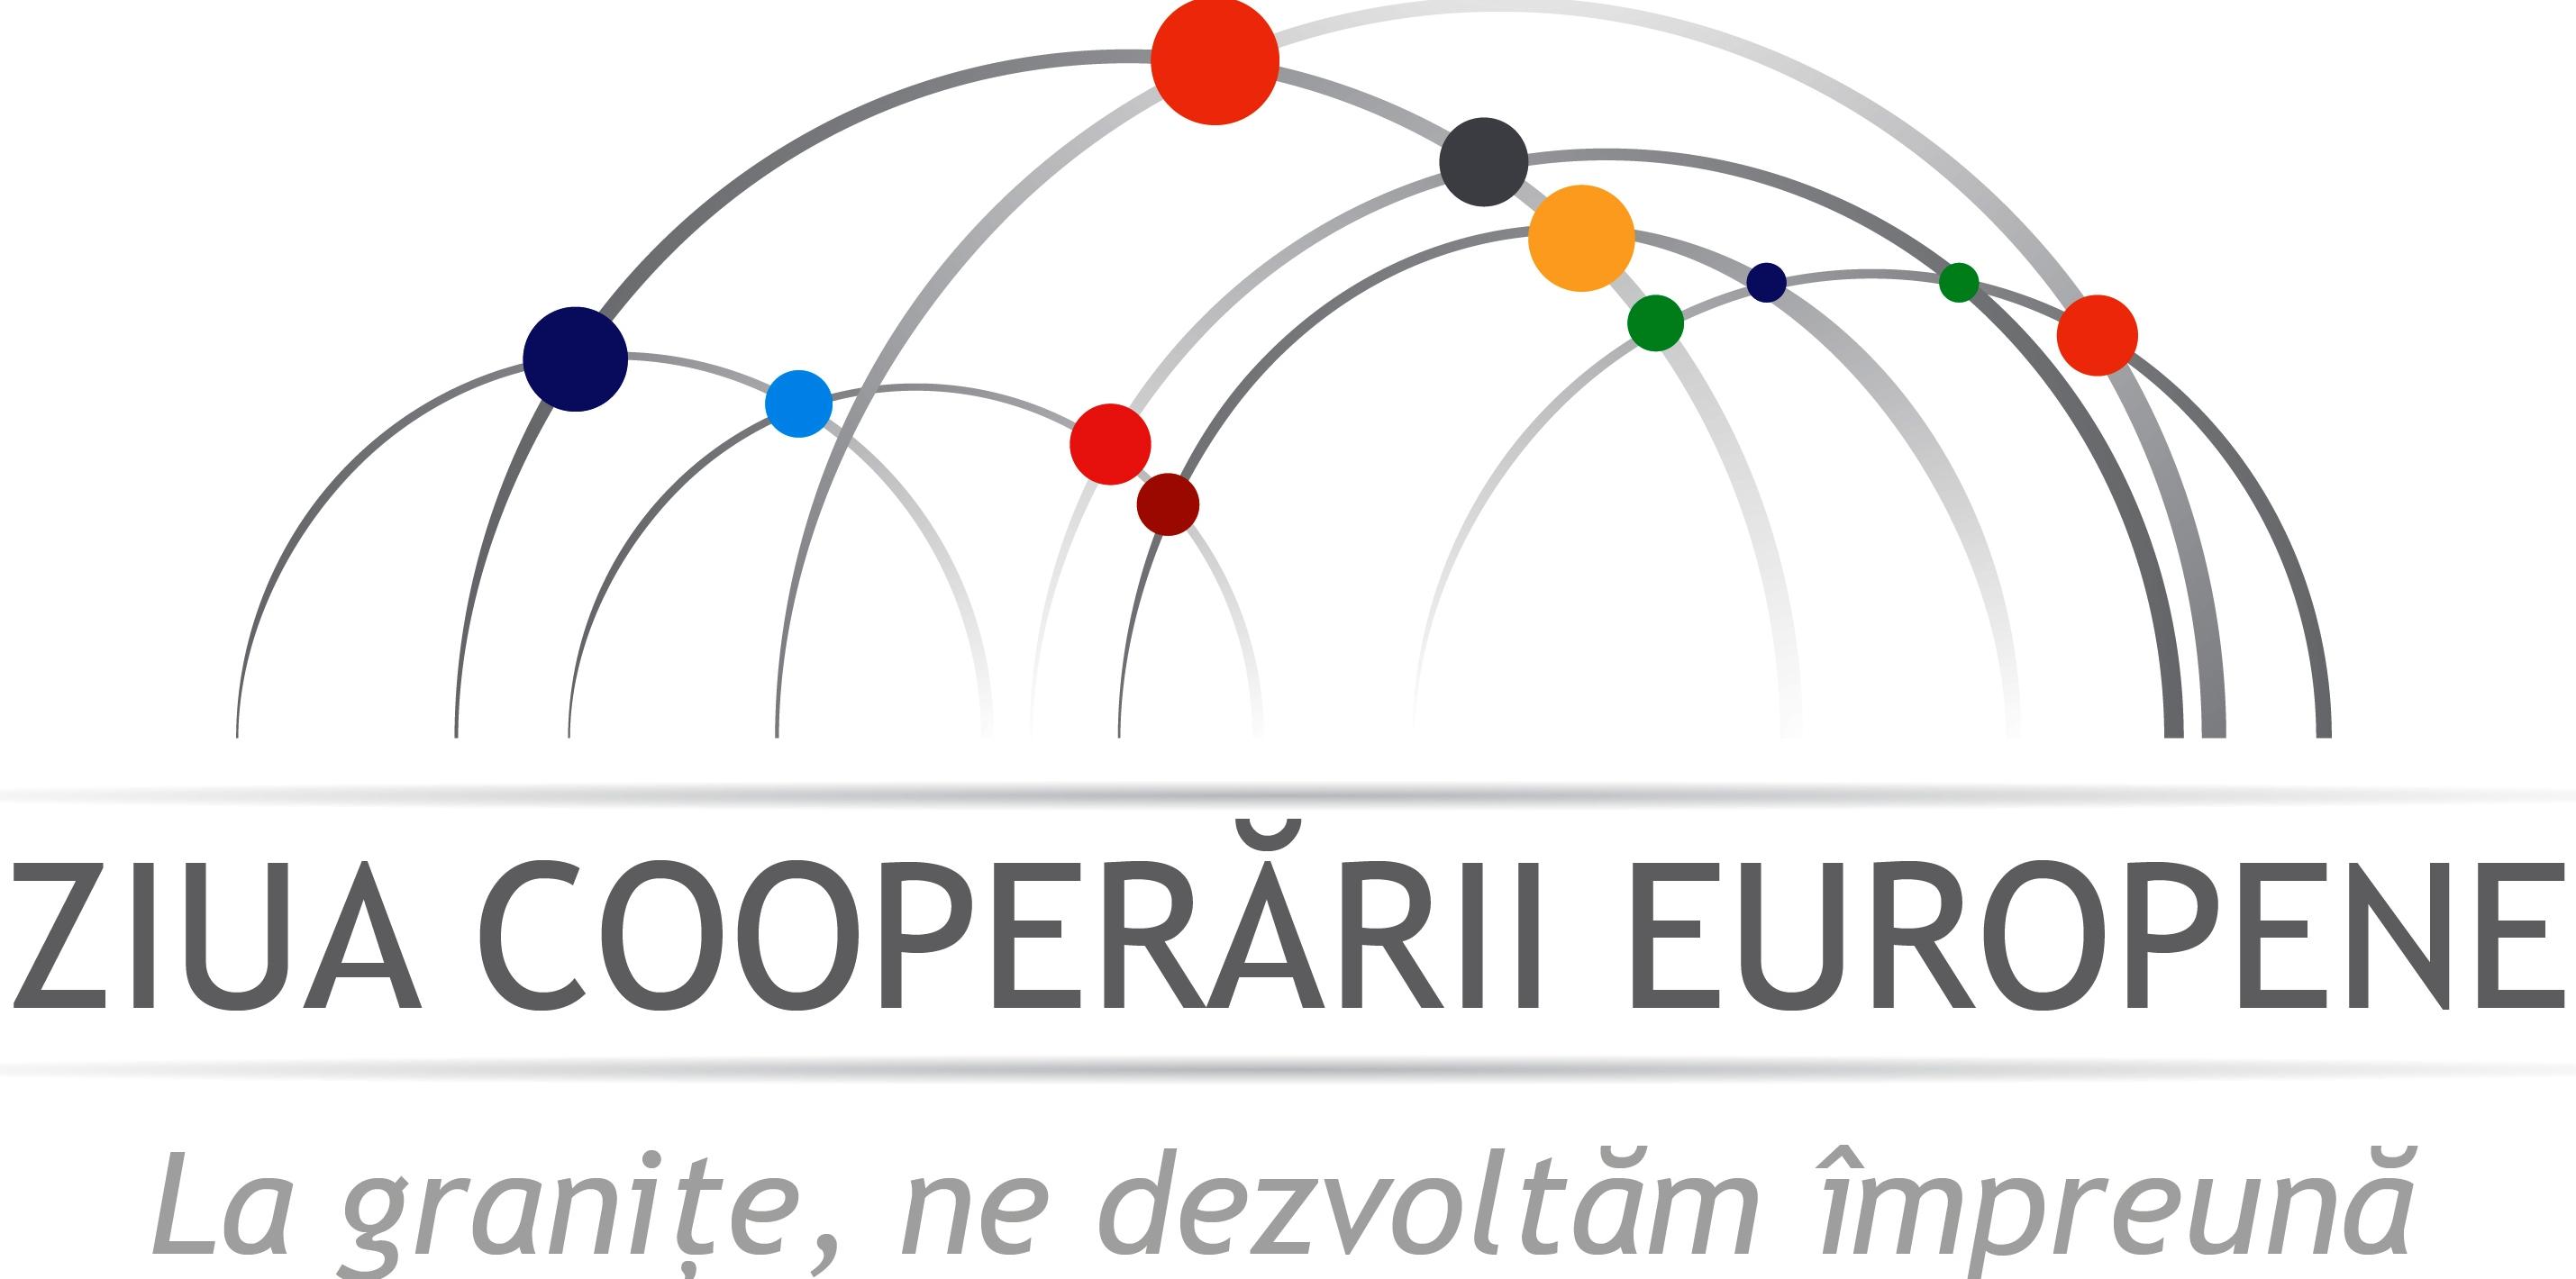 ZILELE COOPERĂRII EUROPENE 2014